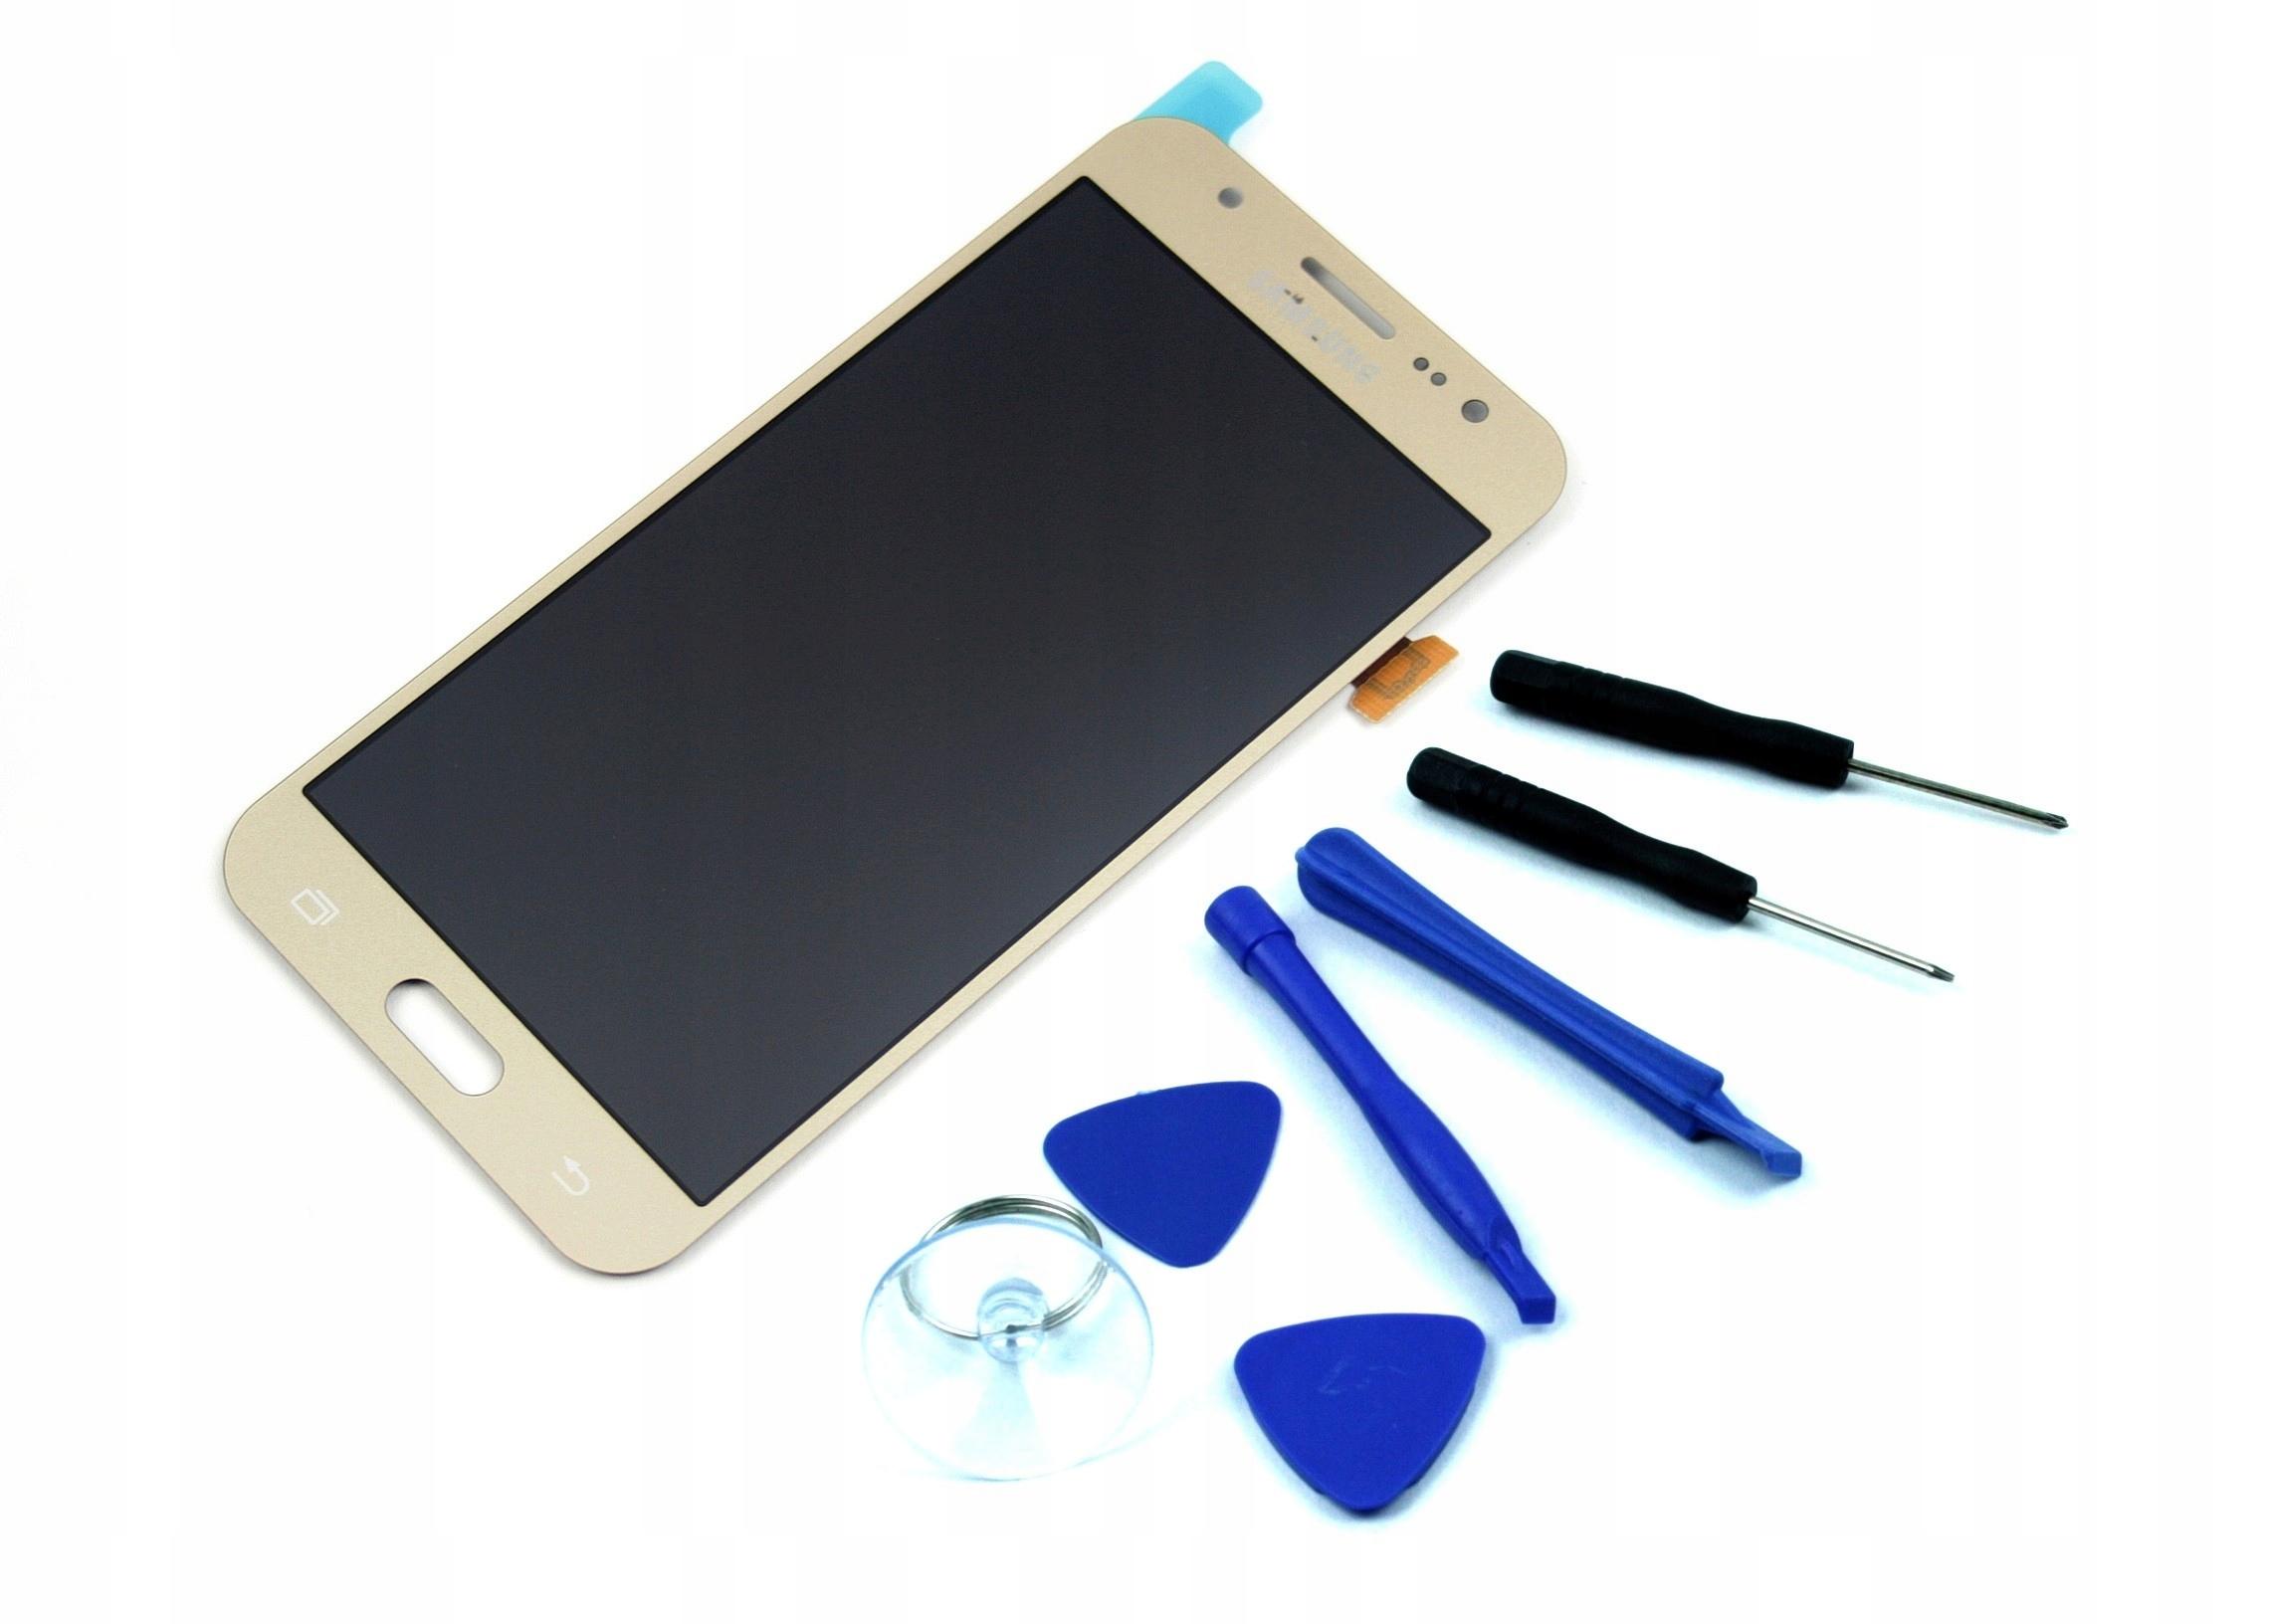 WYŚWIETLACZ LCD SZYBKA SAMSUNG SM-J500FN GALAXY J5